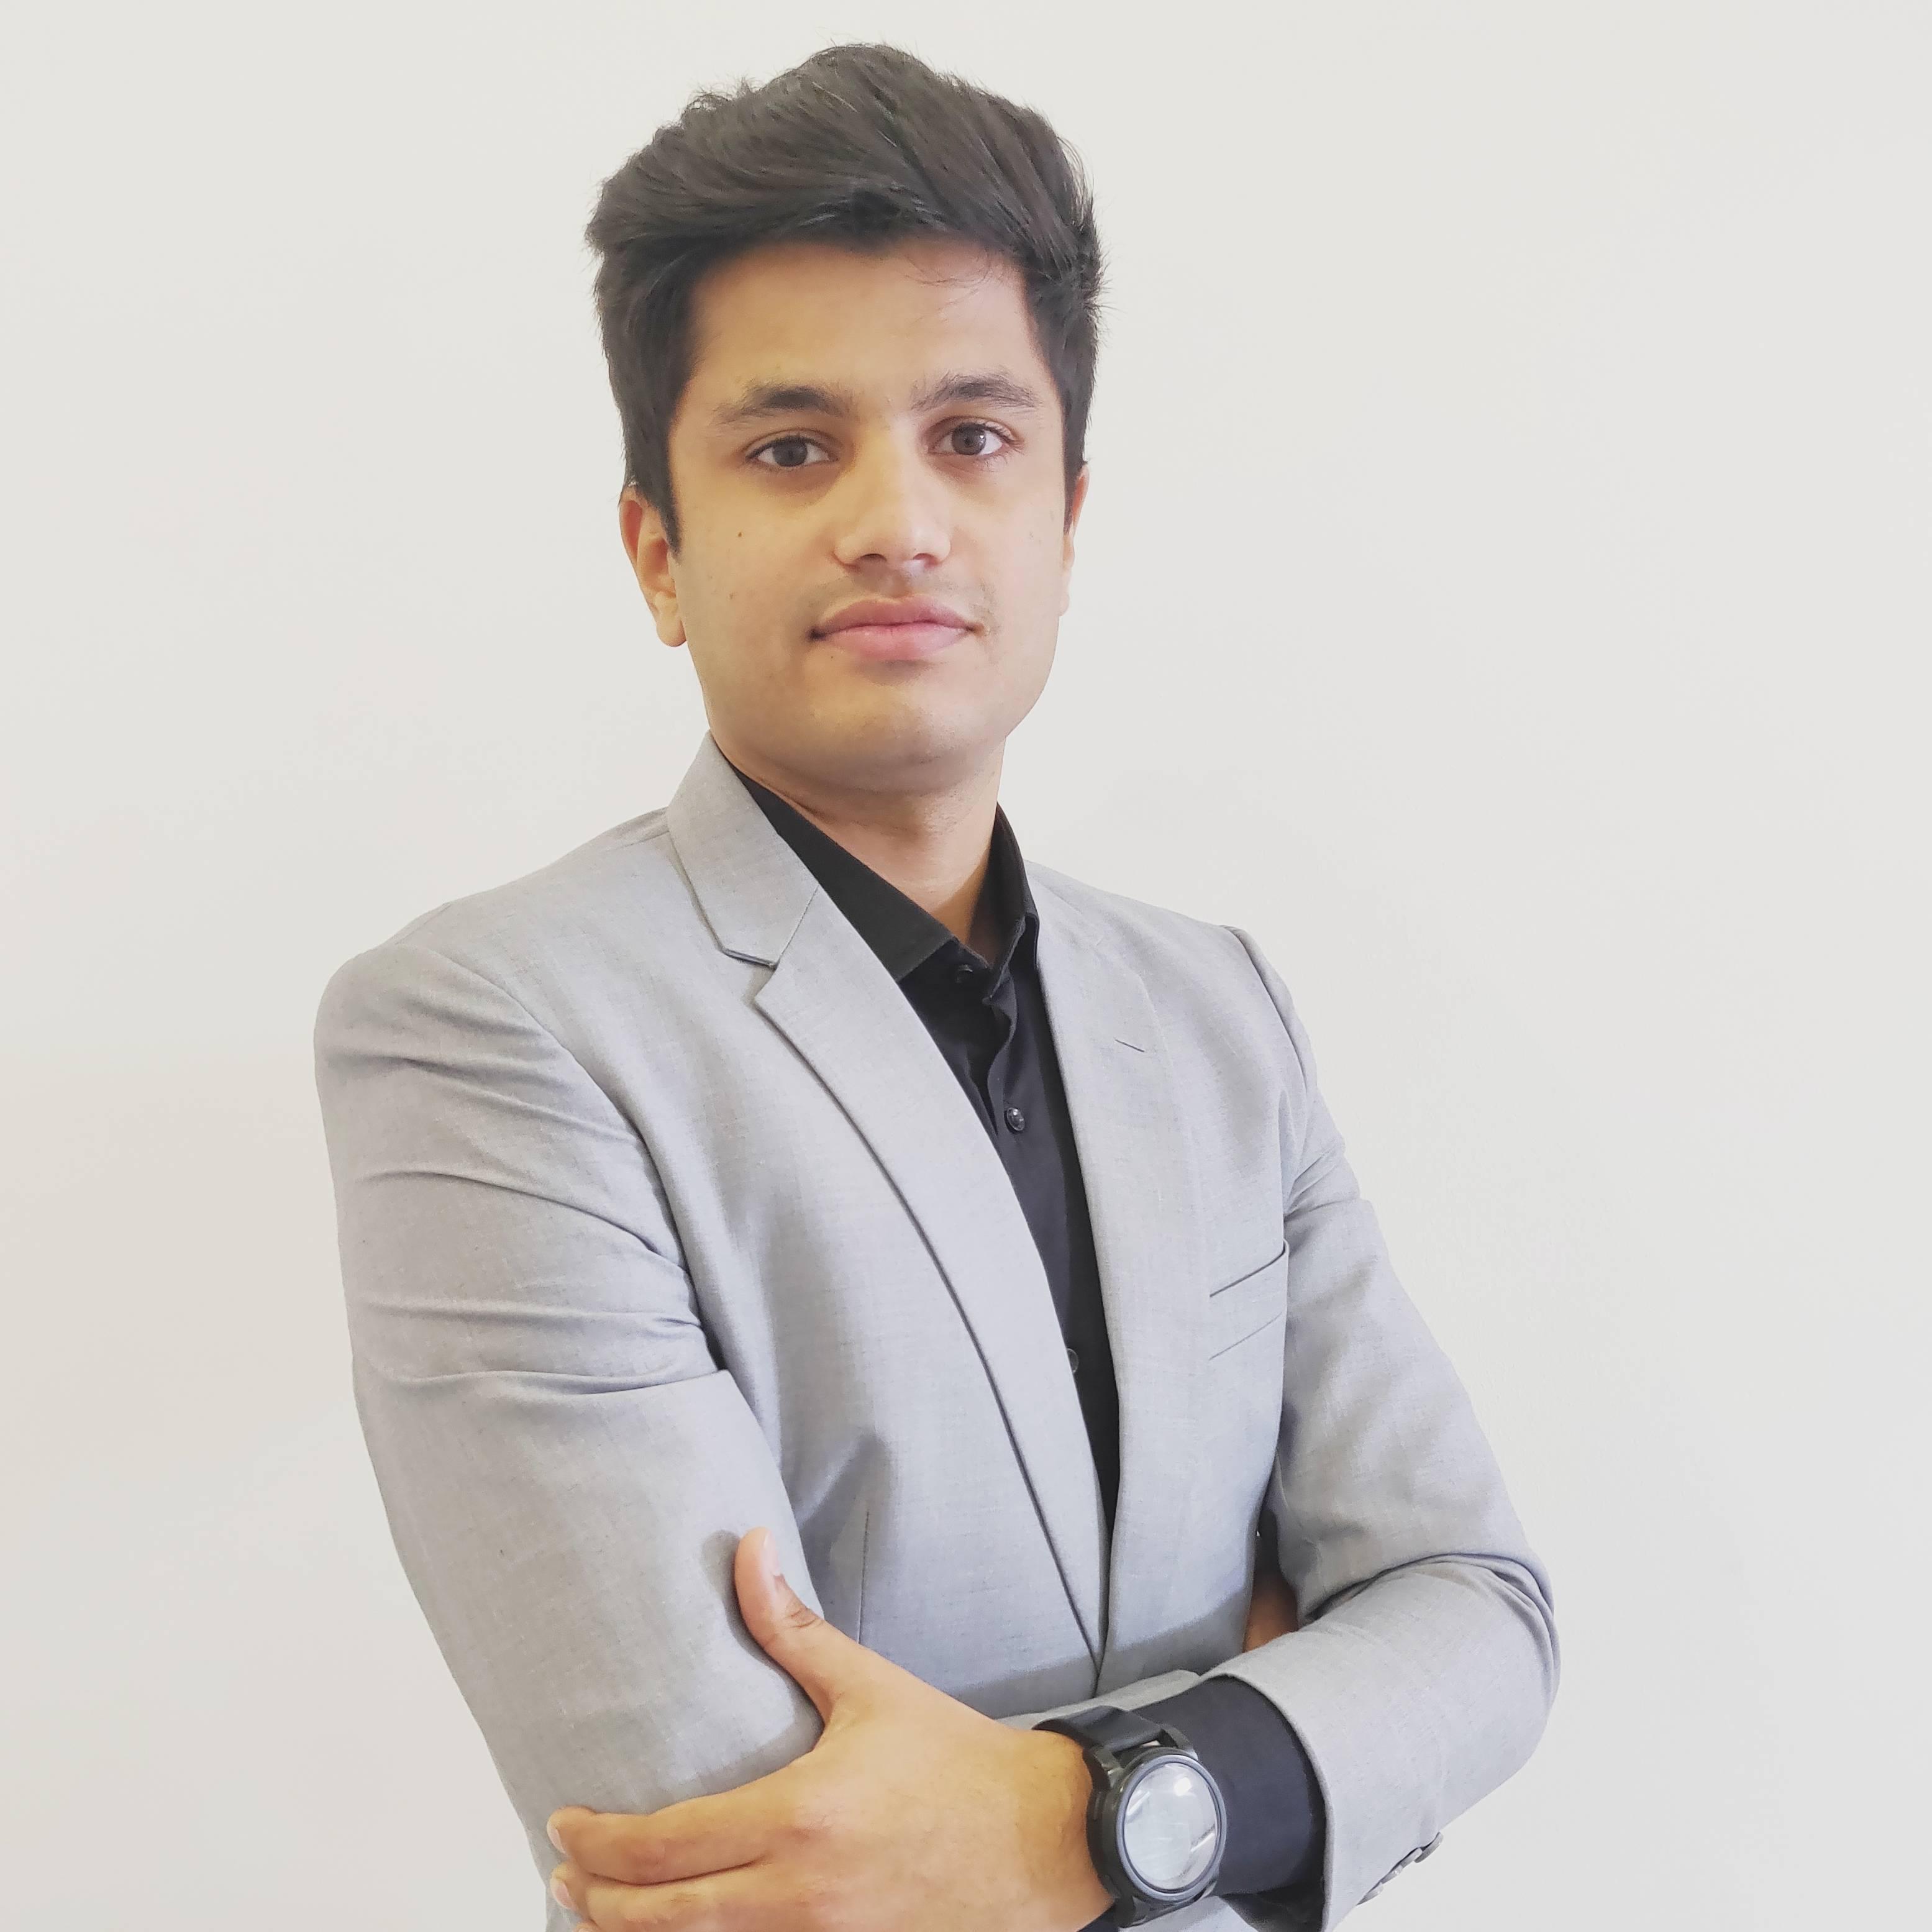 Syed Omer Mohiuddin